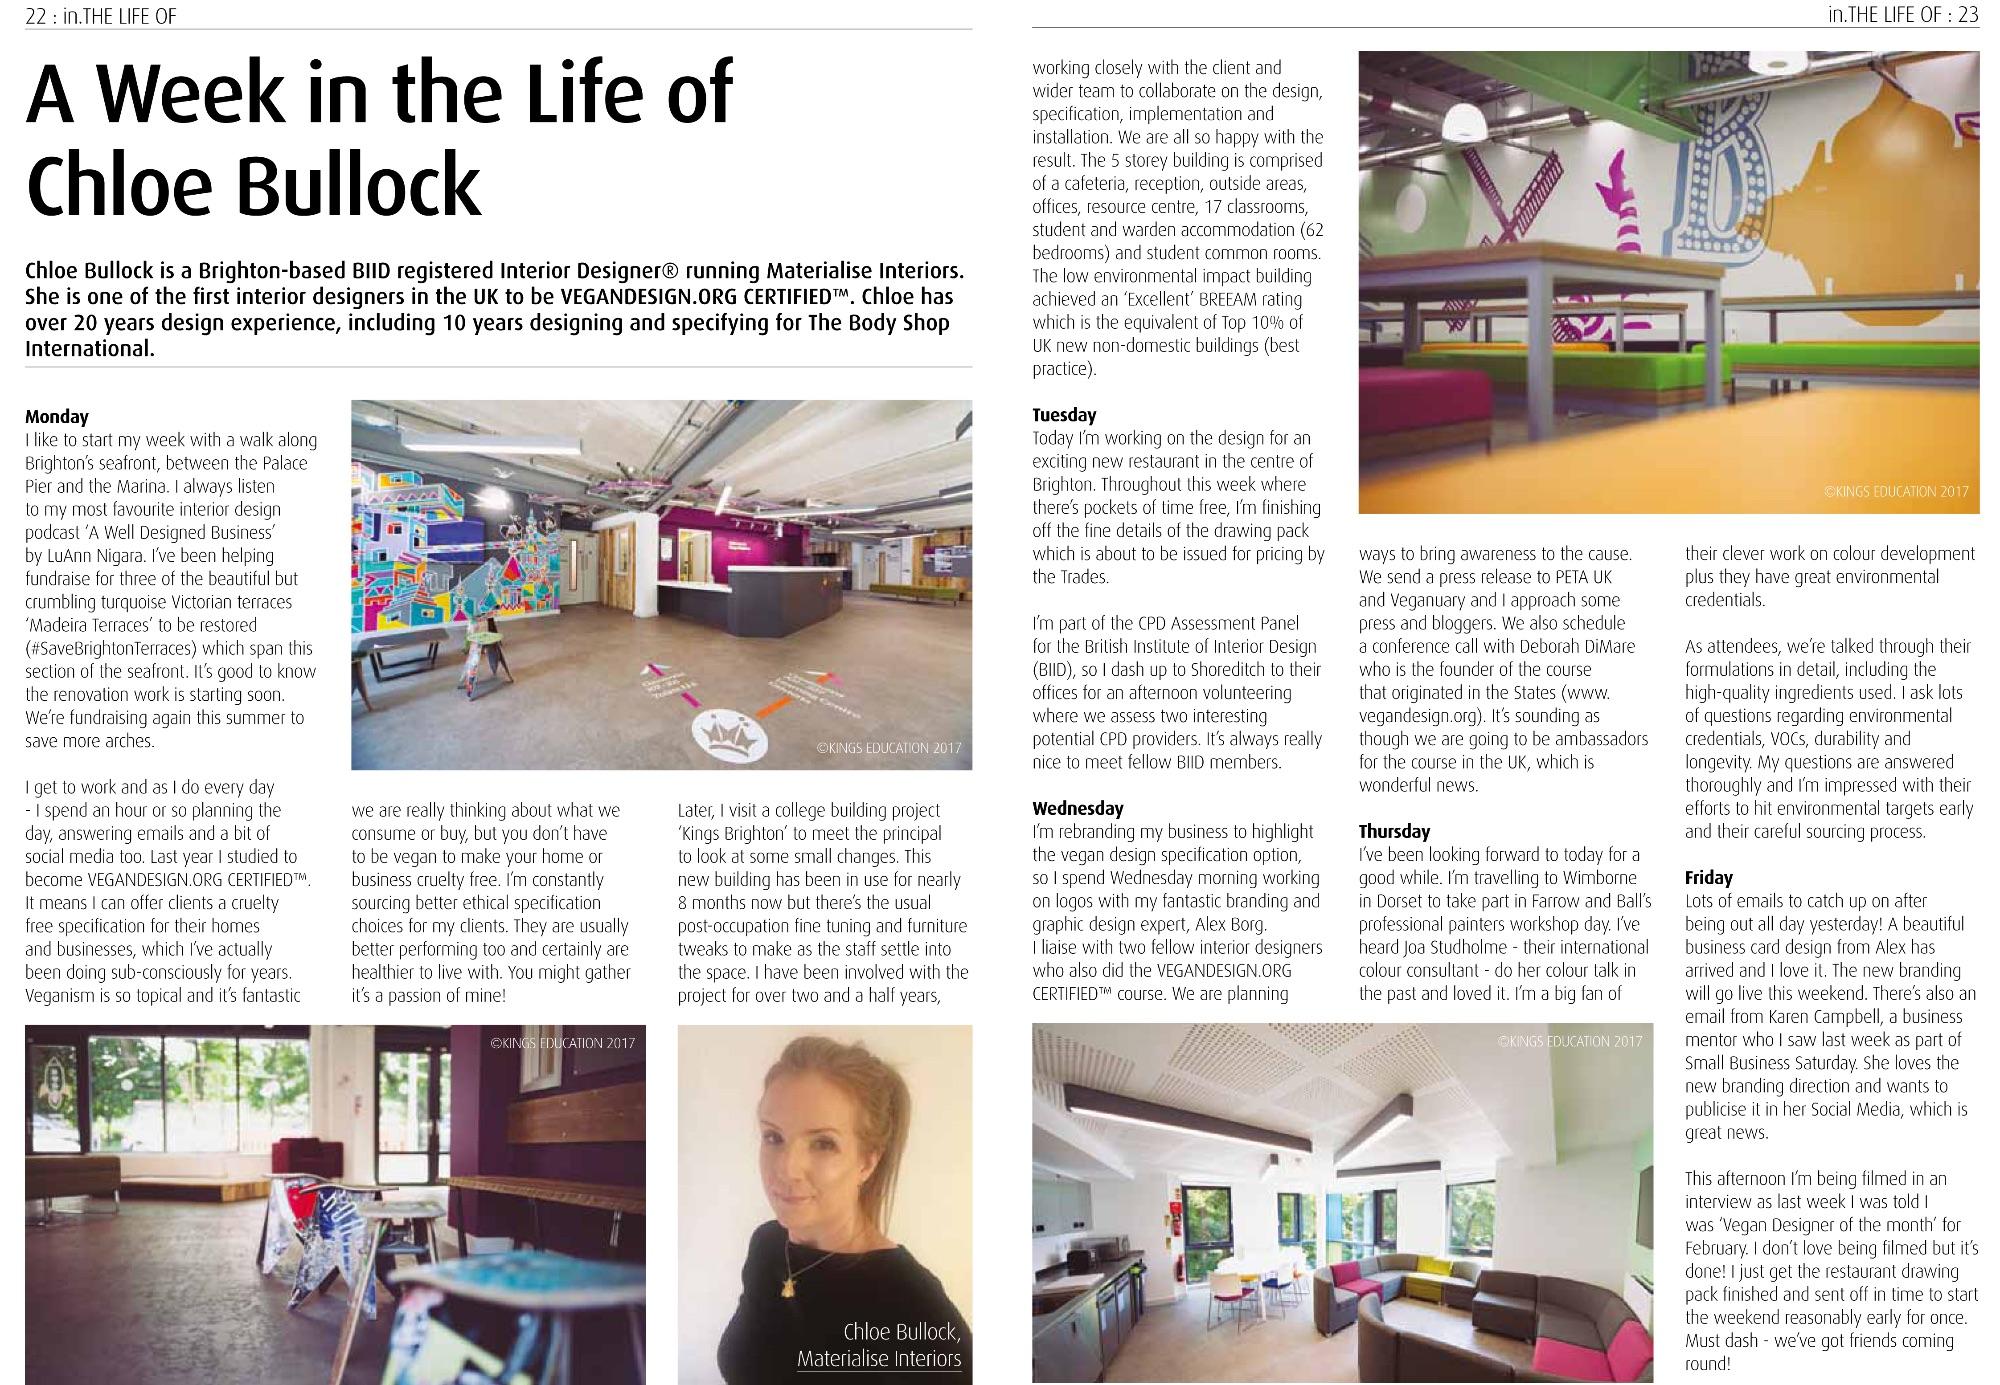 'In Design' magazine